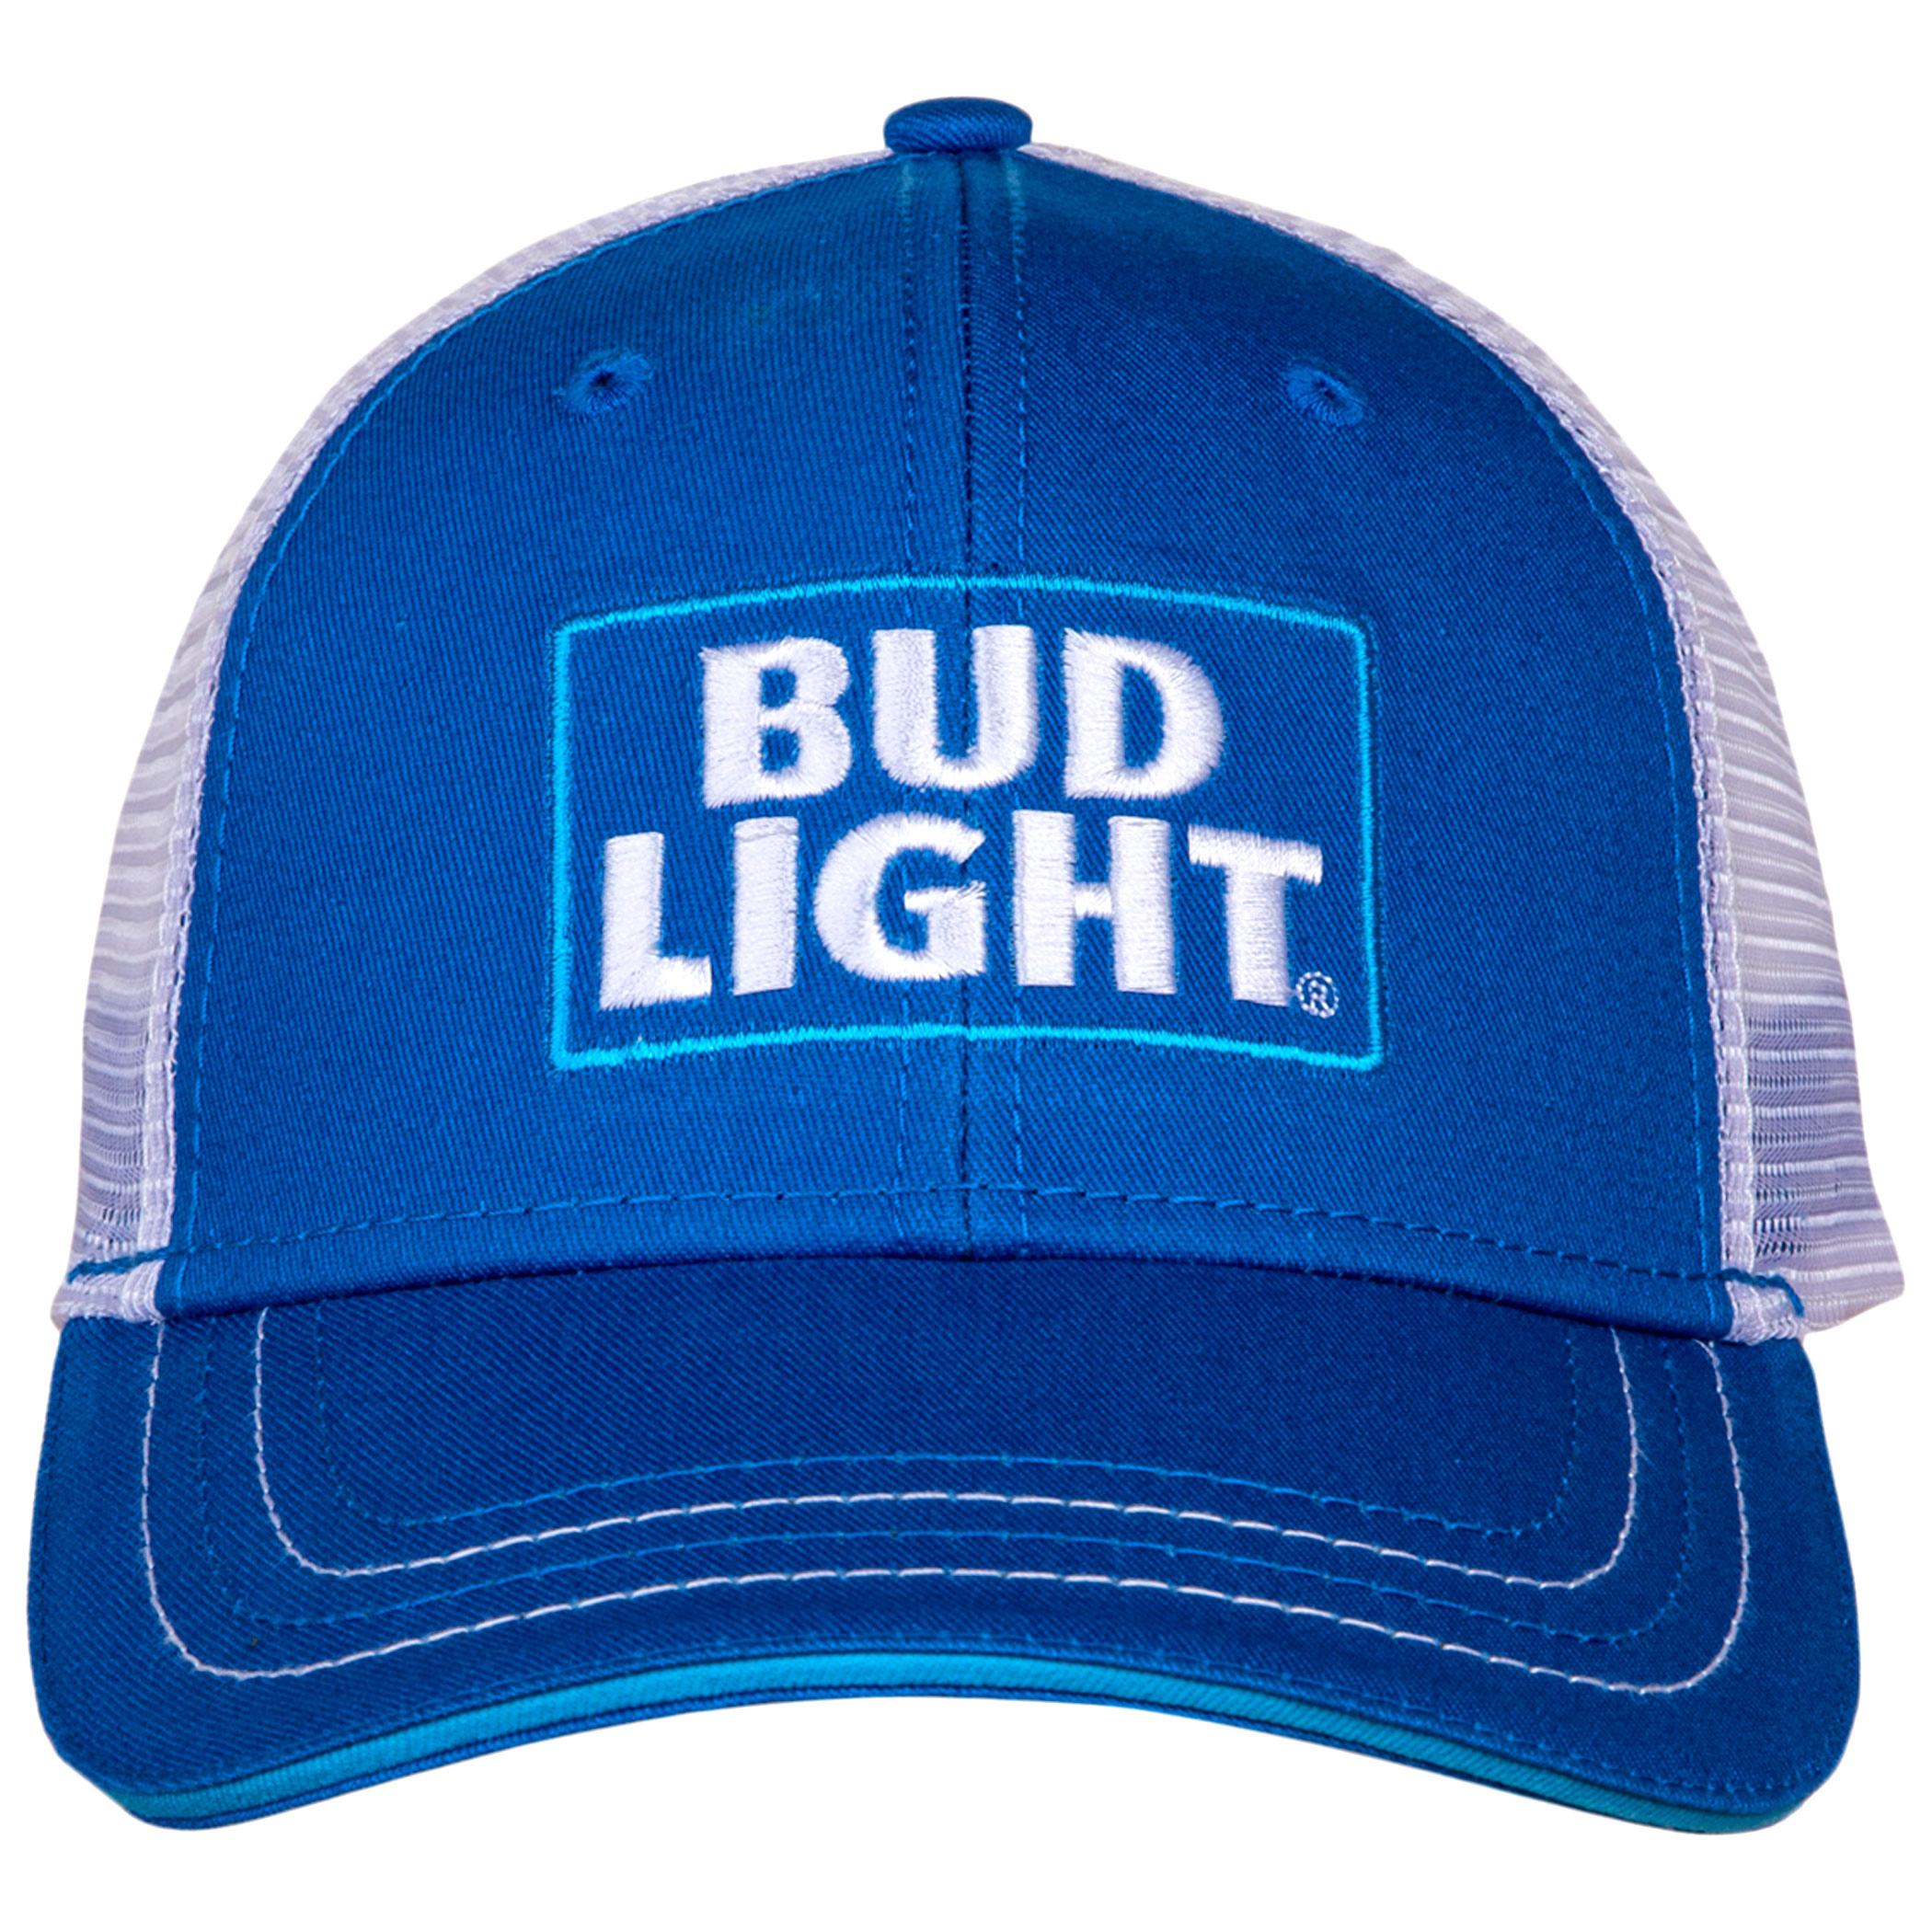 Bud Light Logo Adjustable Snapback Mesh Trucker Hat